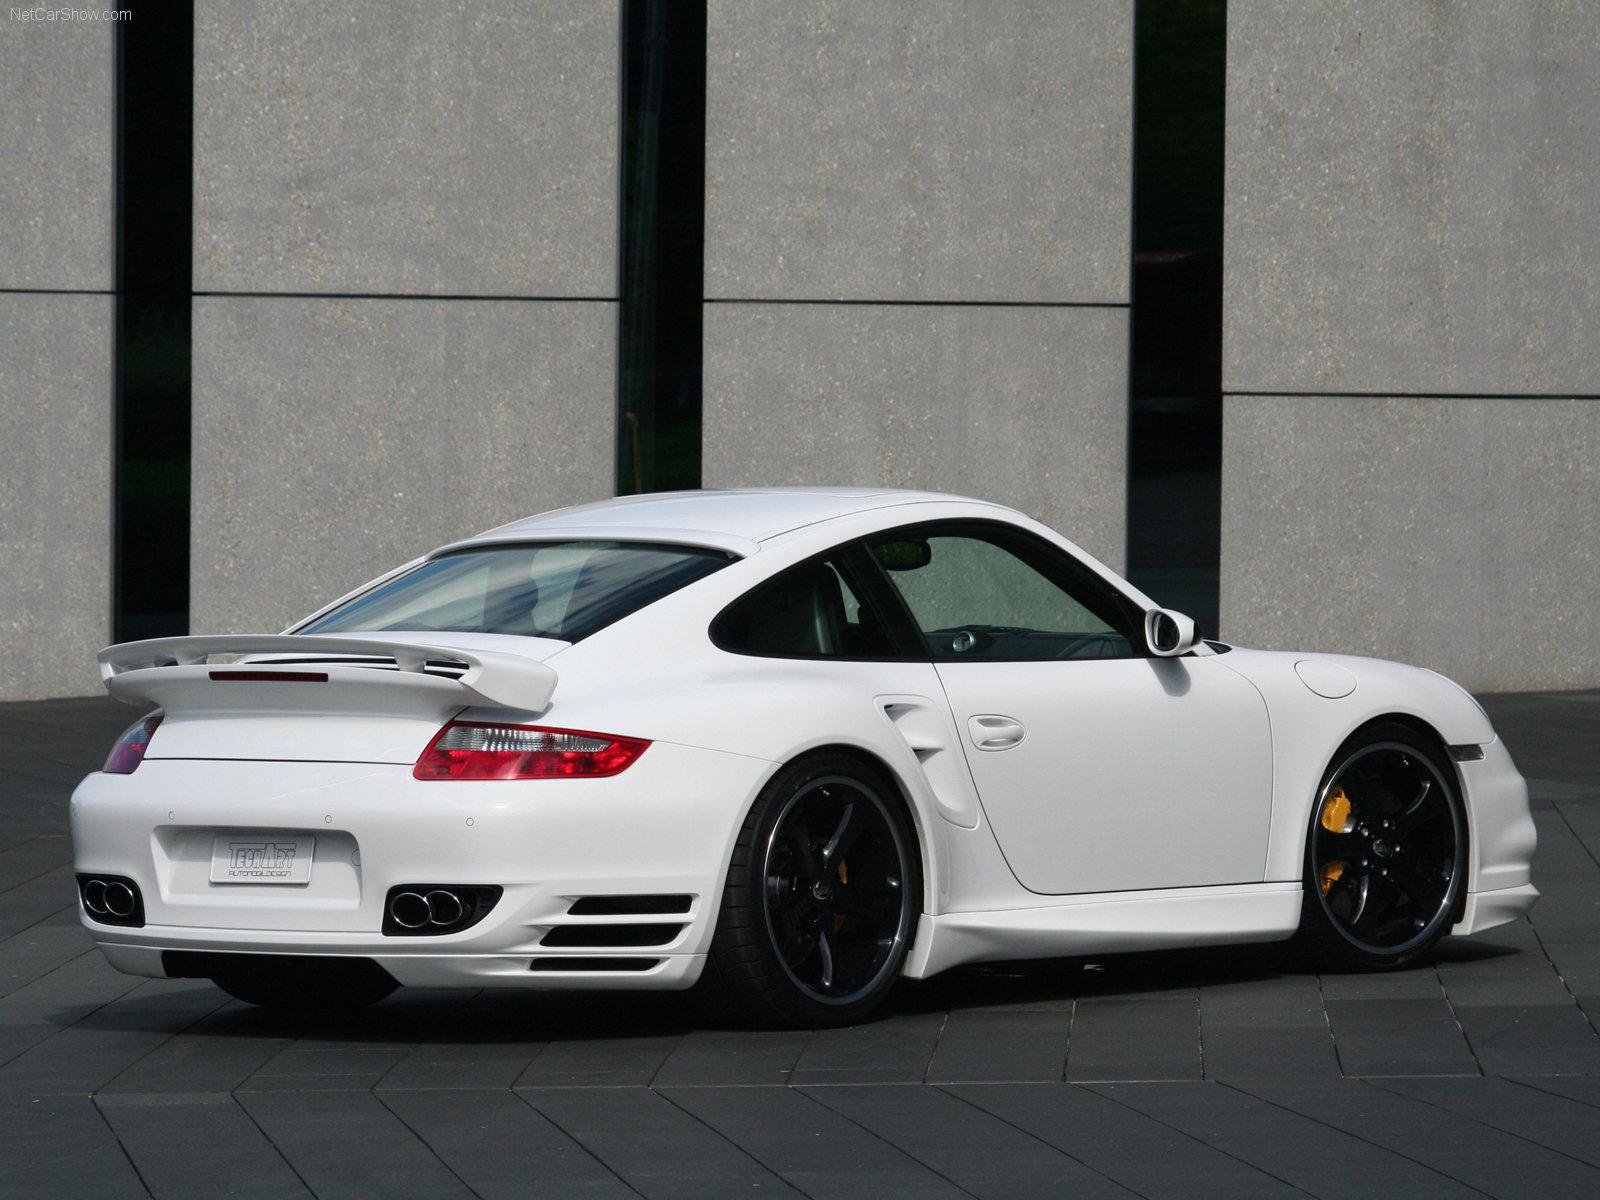 Hình ảnh xe ô tô TechArt Porsche 911 Turbo 997 2006 & nội ngoại thất